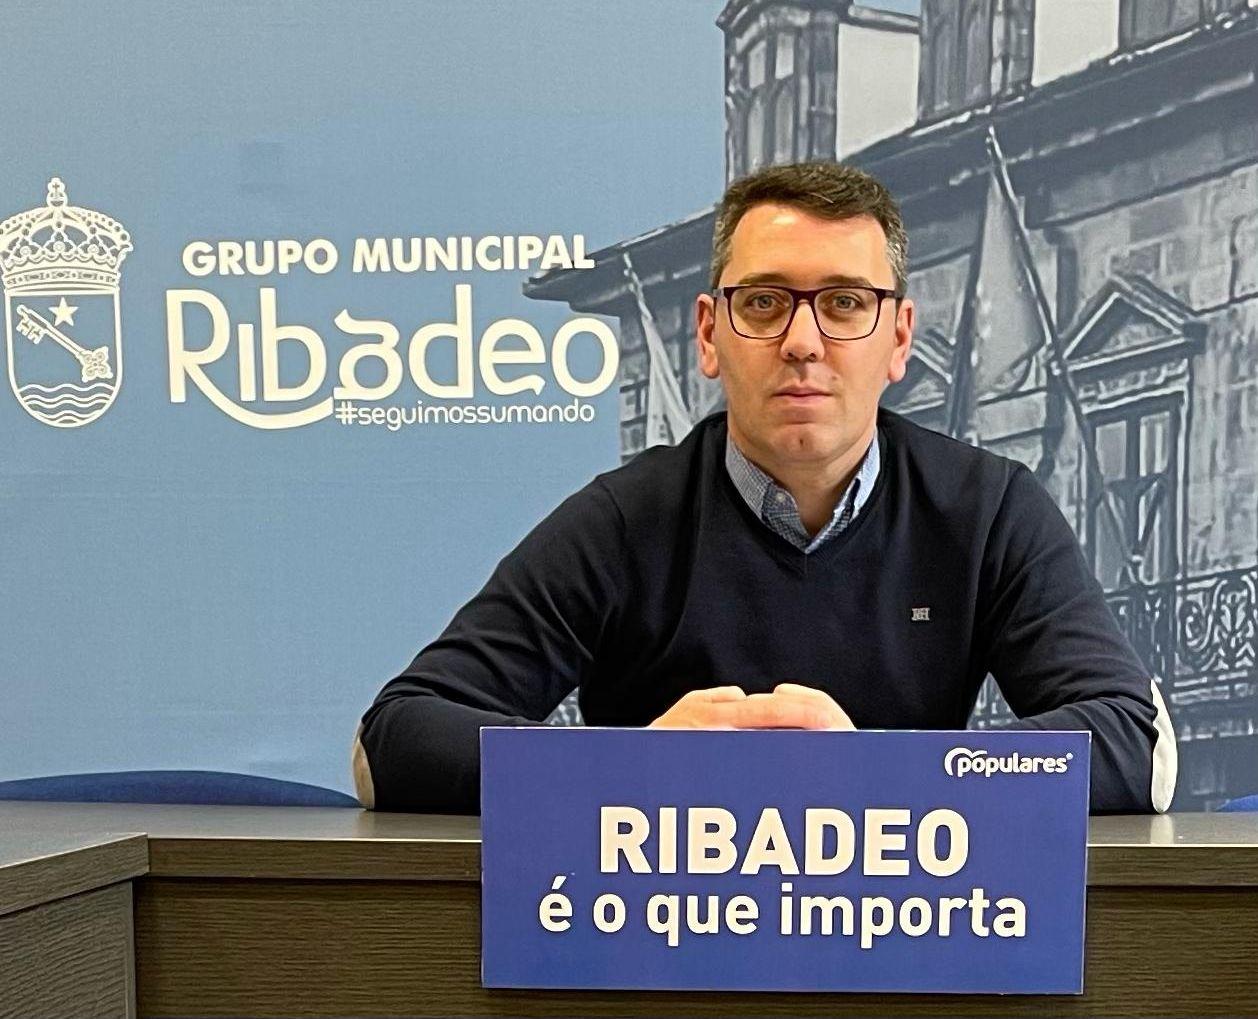 O PP de Ribadeo pide claridade sobre a herndanza do Dr. Moreda